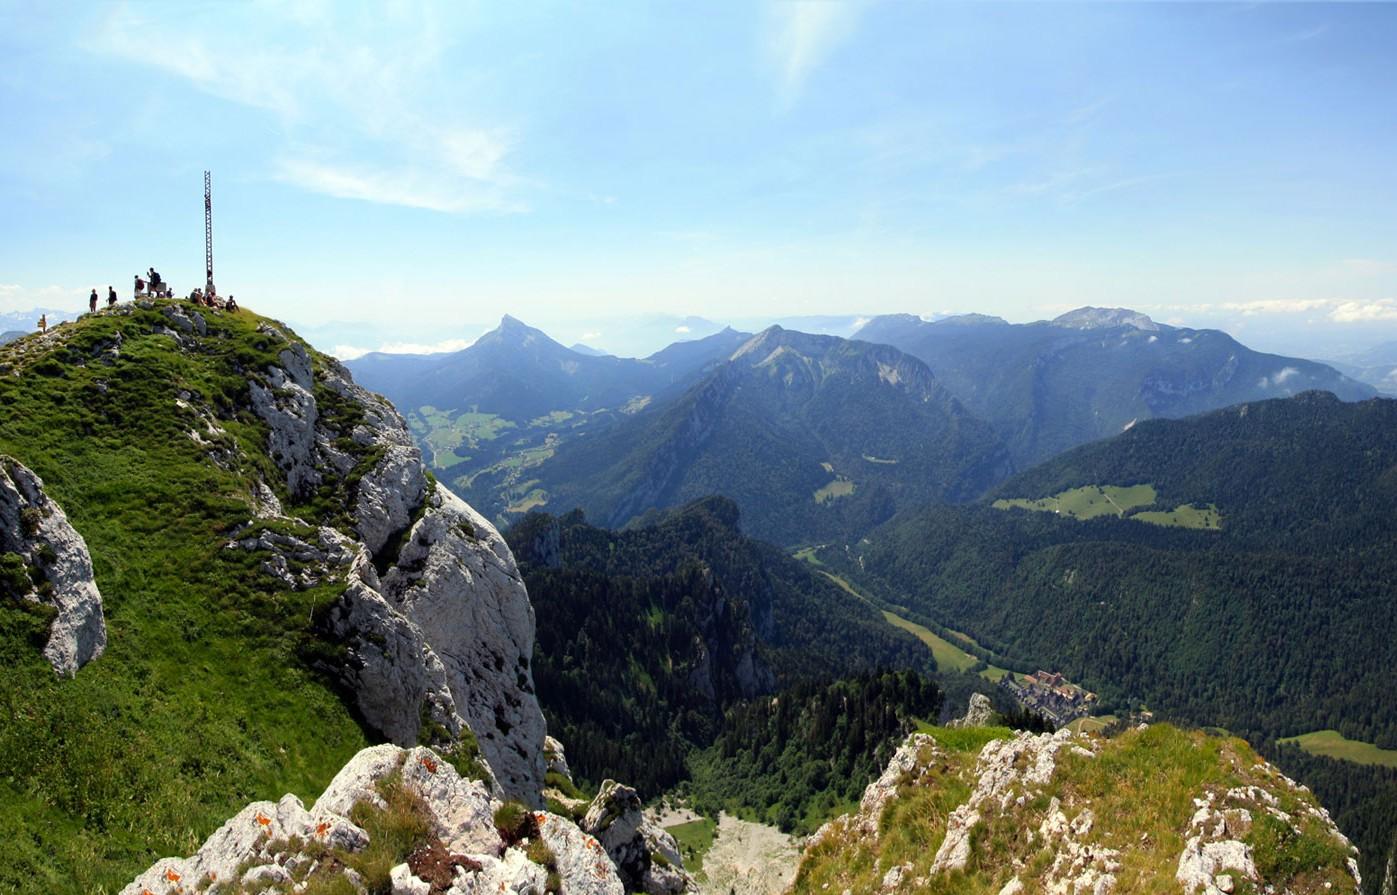 Vue sur le Massif de la Chartreuse (Sud-Ouest) depuis le sommet du Grand Som.